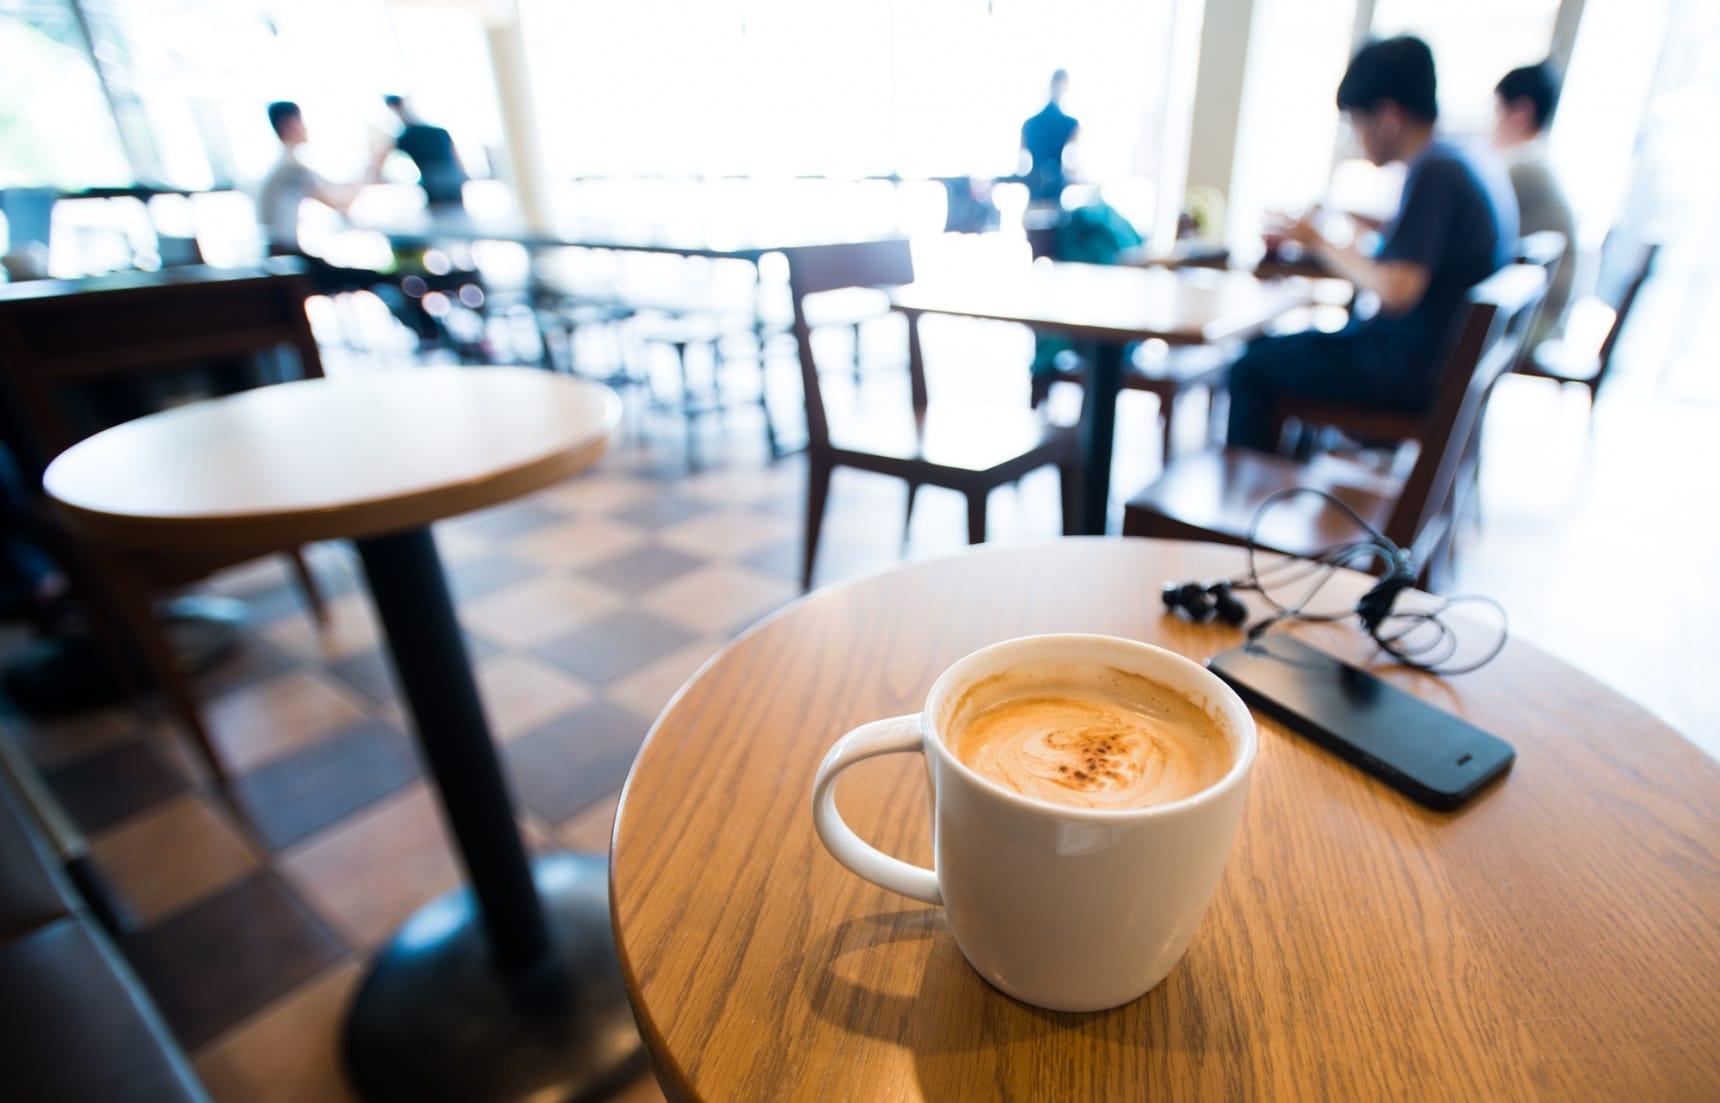 旅遊就該浪費在咖啡上!值得再訪的6間特色東京咖啡廳